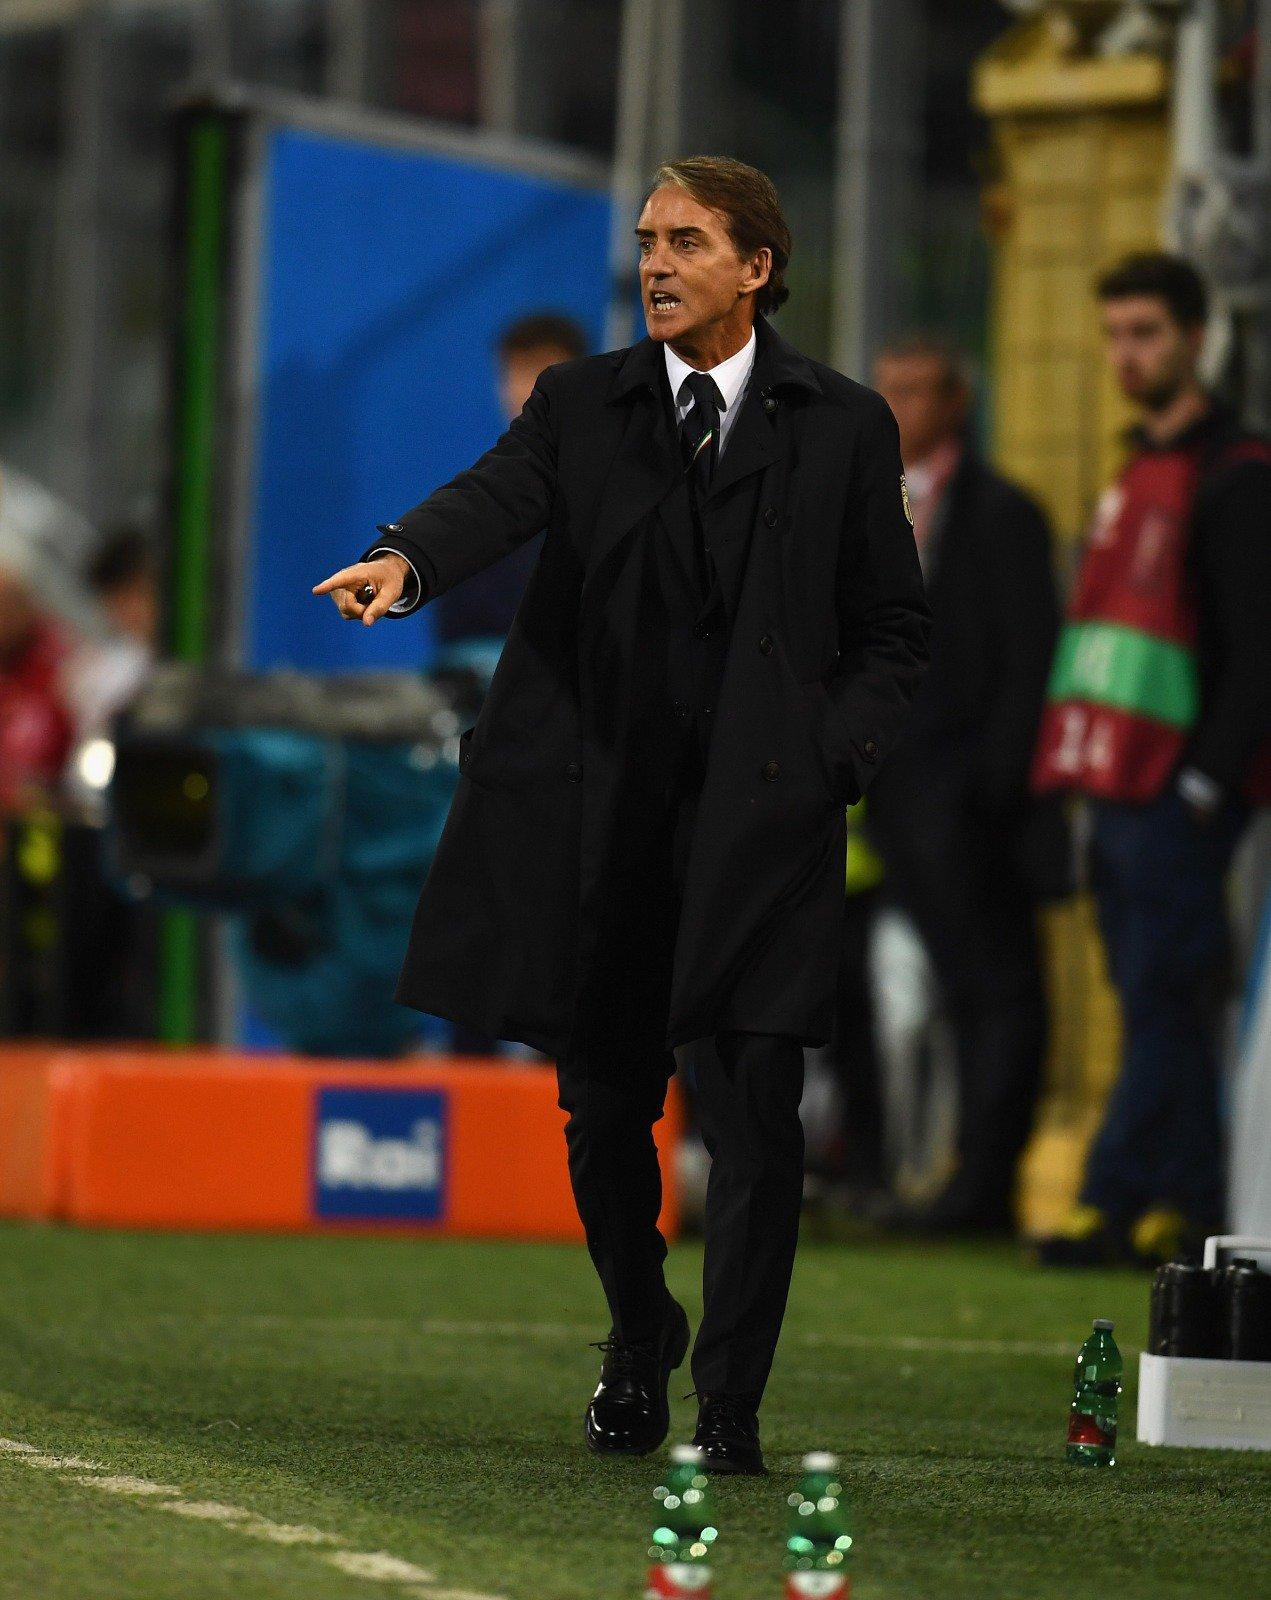 Mancini vuole chiedere che il campionato finisca con una settimana di anticipo